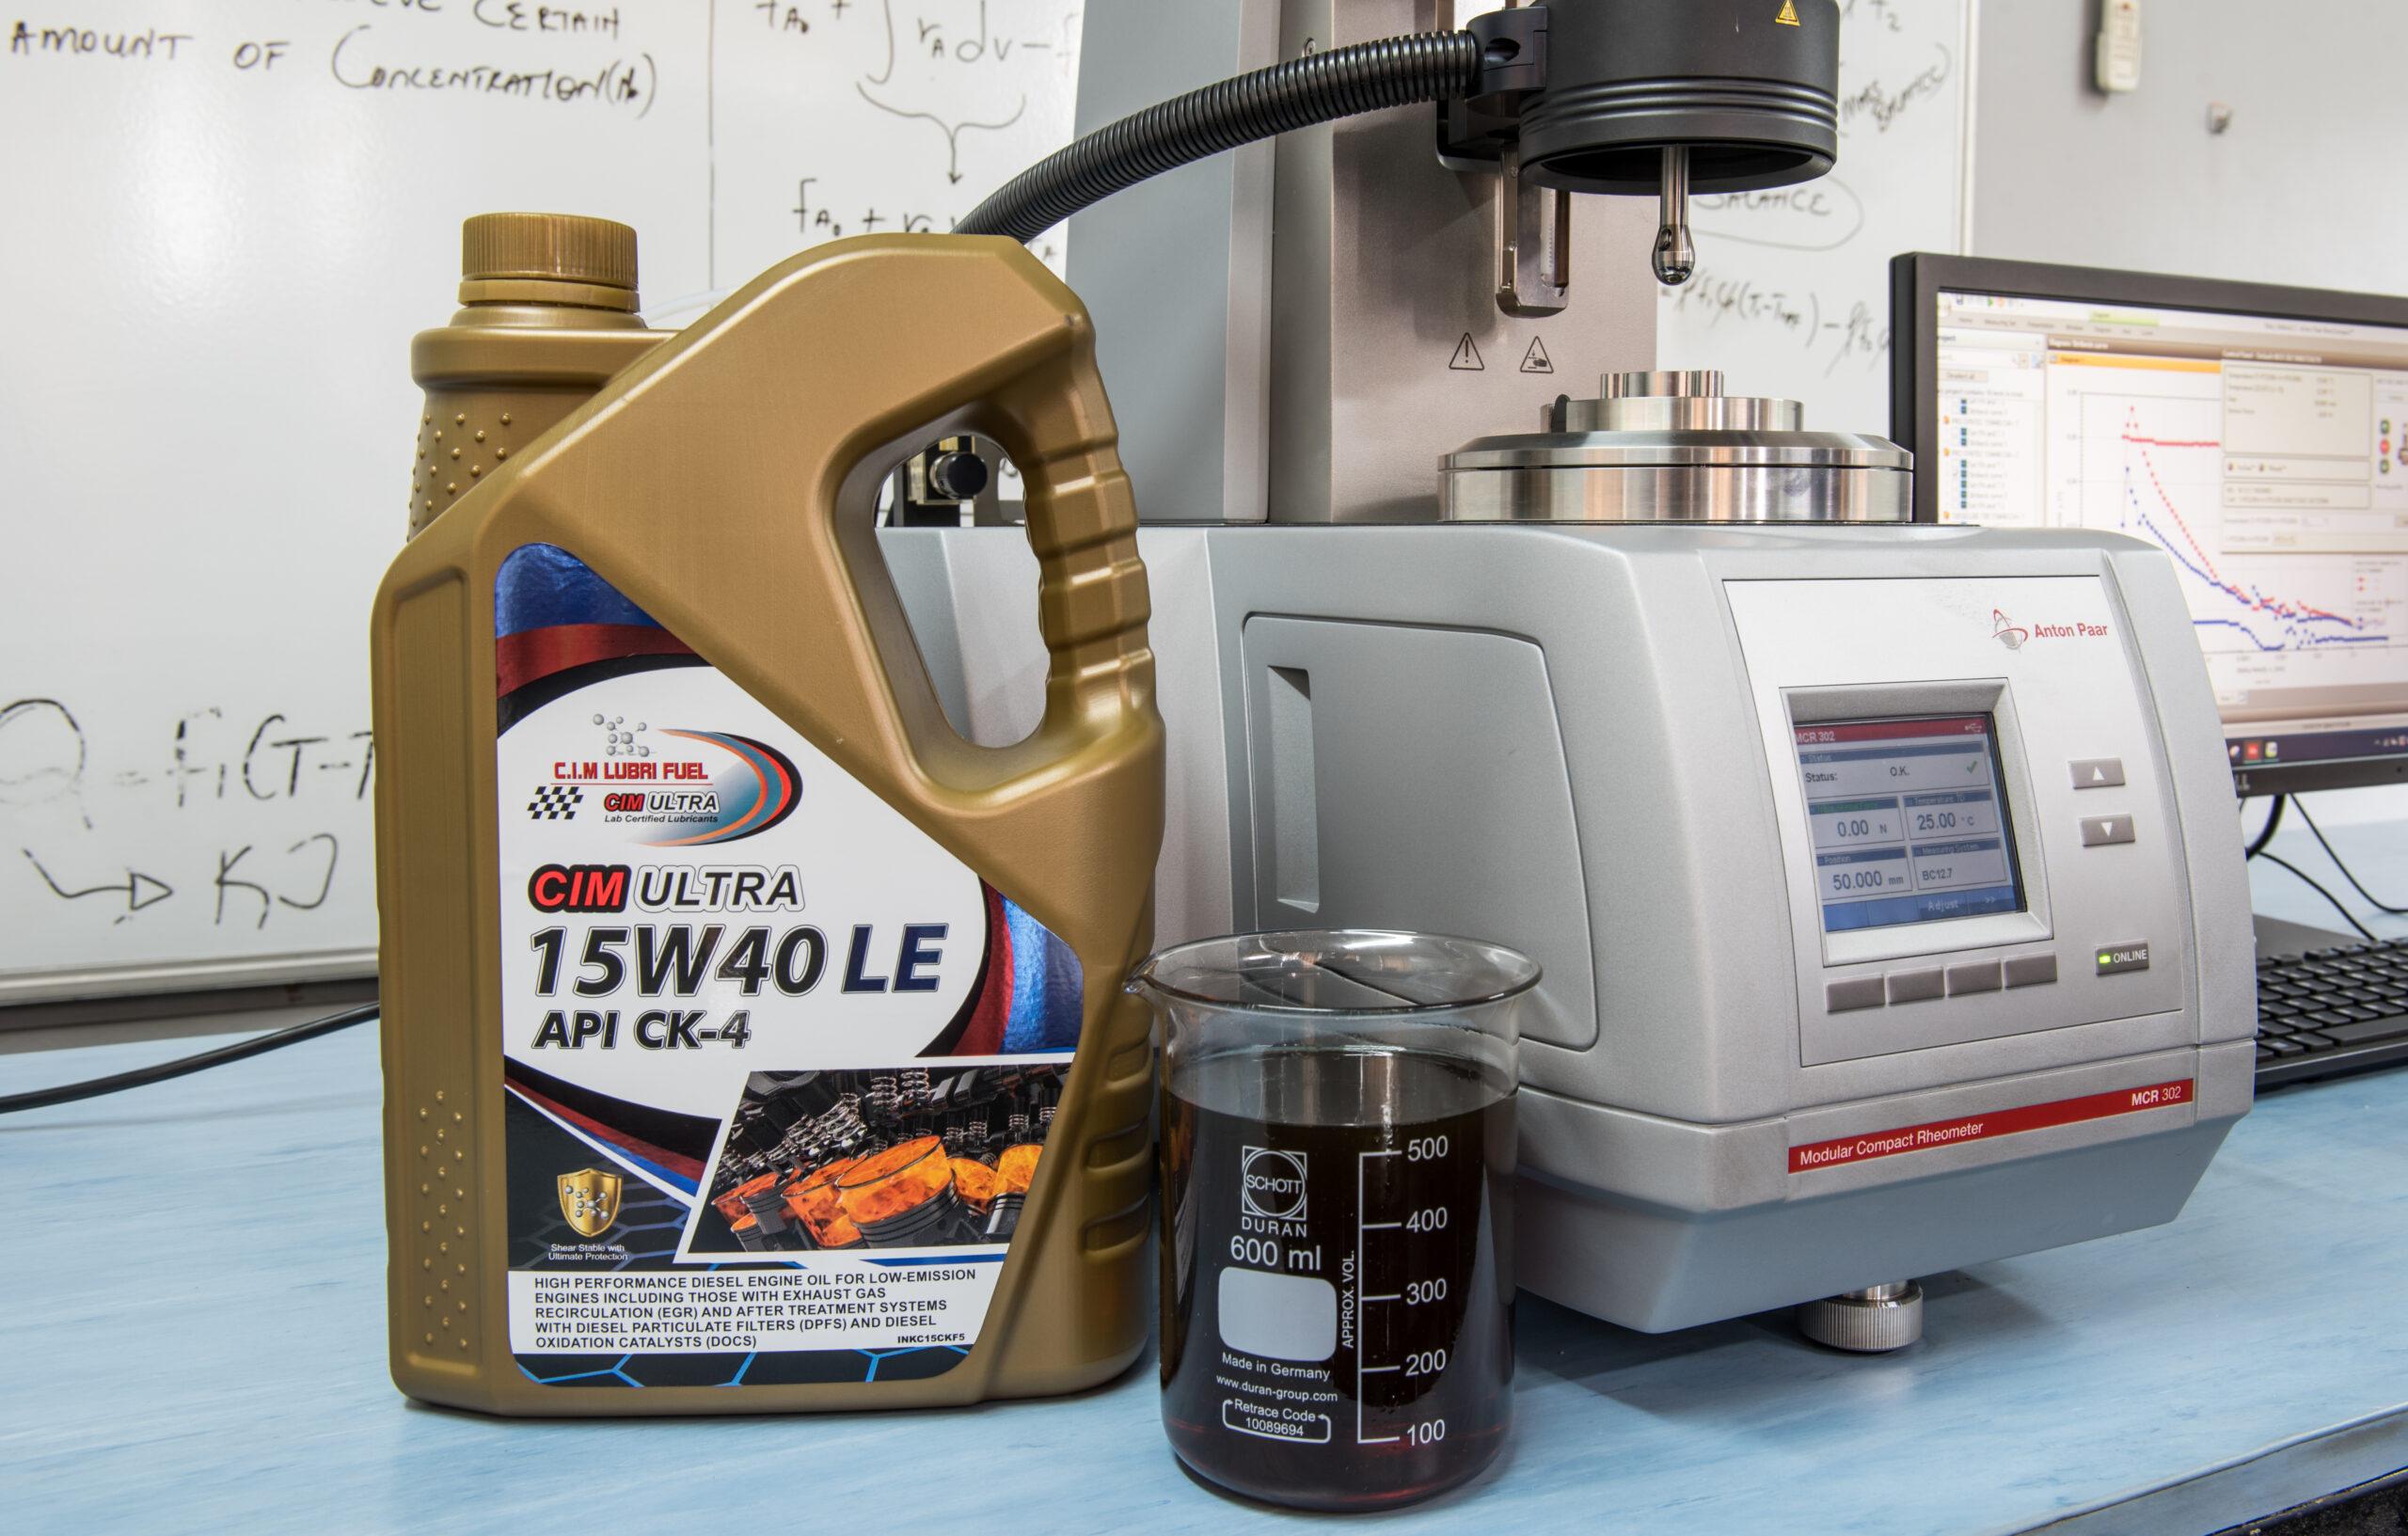 C.I.M. Lubri Fuel Rheology